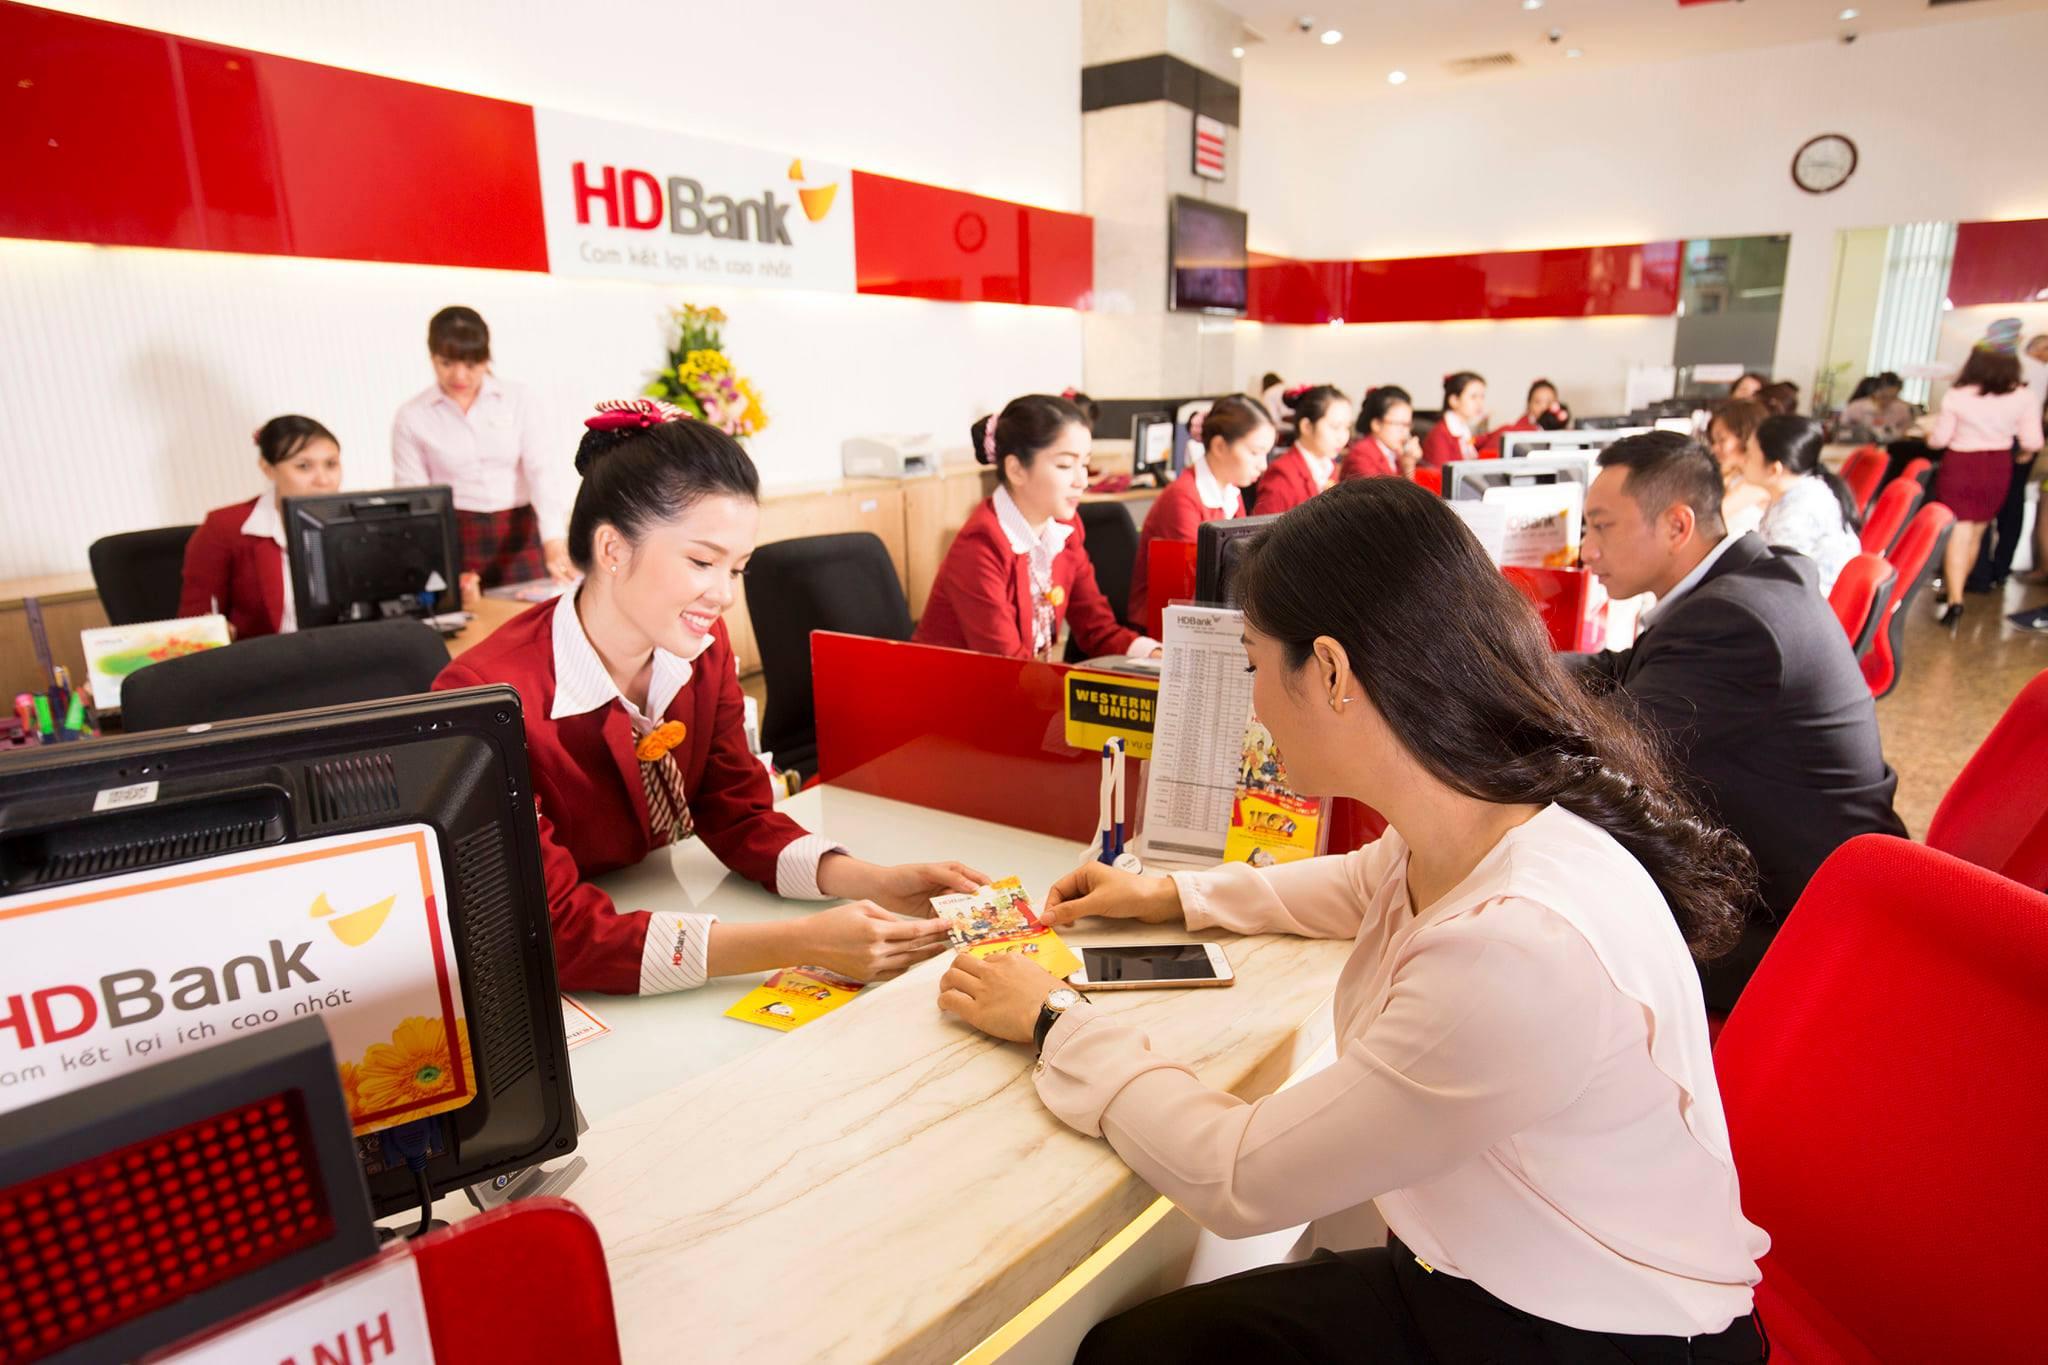 Hướng dẫn cách mở thẻ tín dụng HDBank cập nhật mới nhất - Ảnh 1.